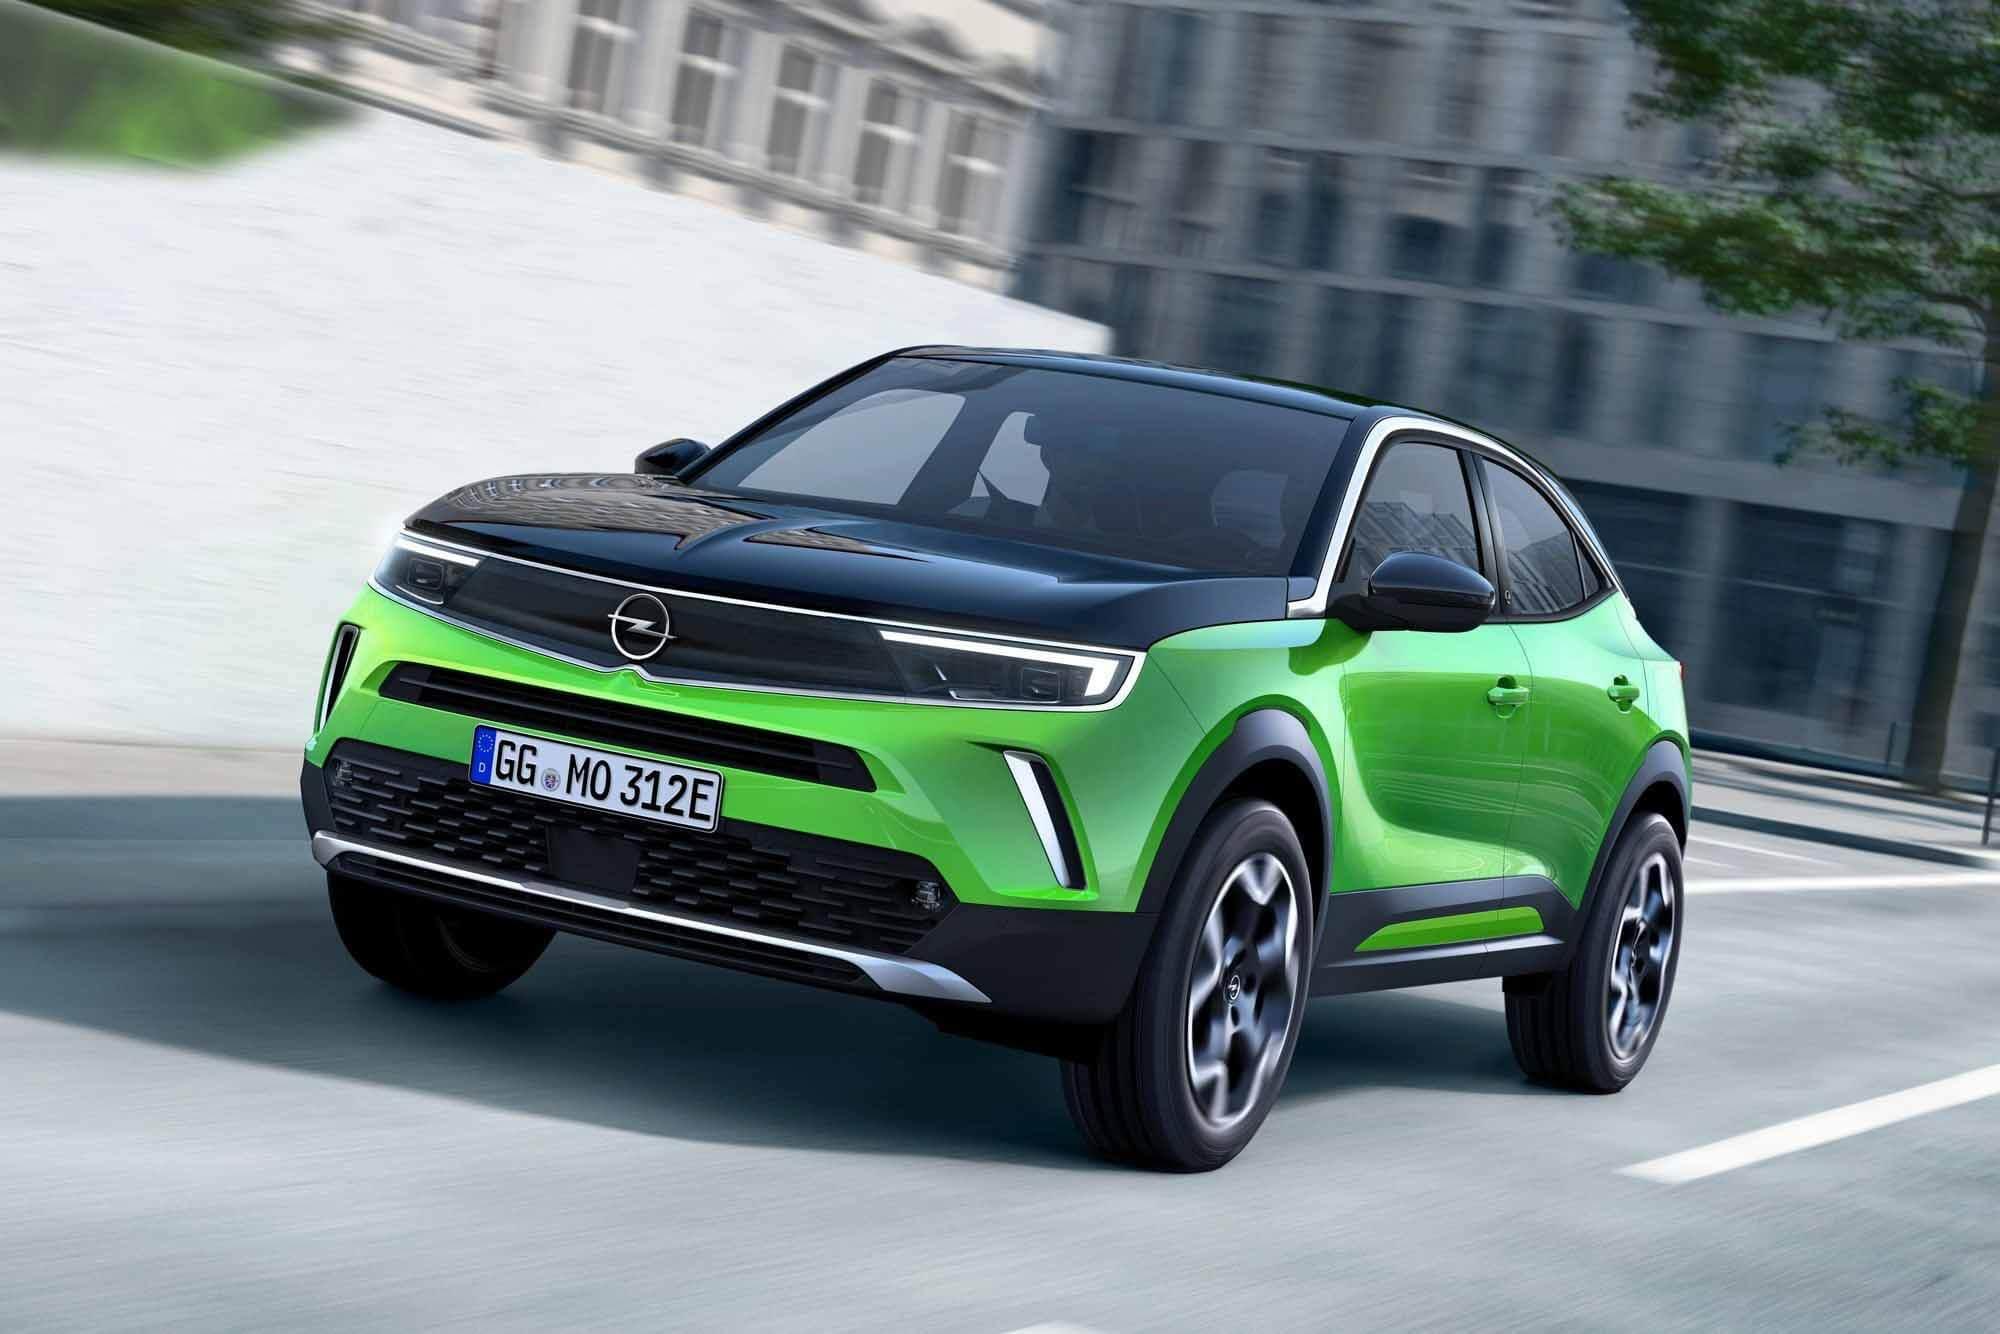 Новый Opel Mokka дебютировал как электромобиль. Бензин и дизель тоже будут